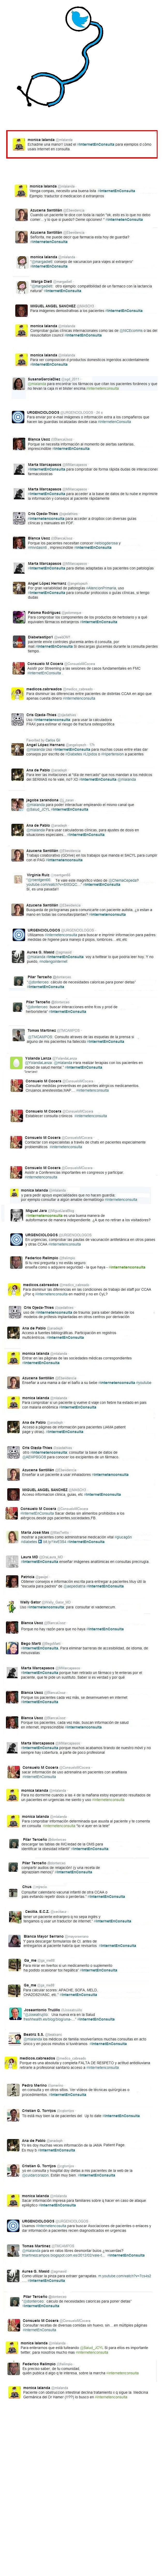 #internetenconsulta - copia - copia